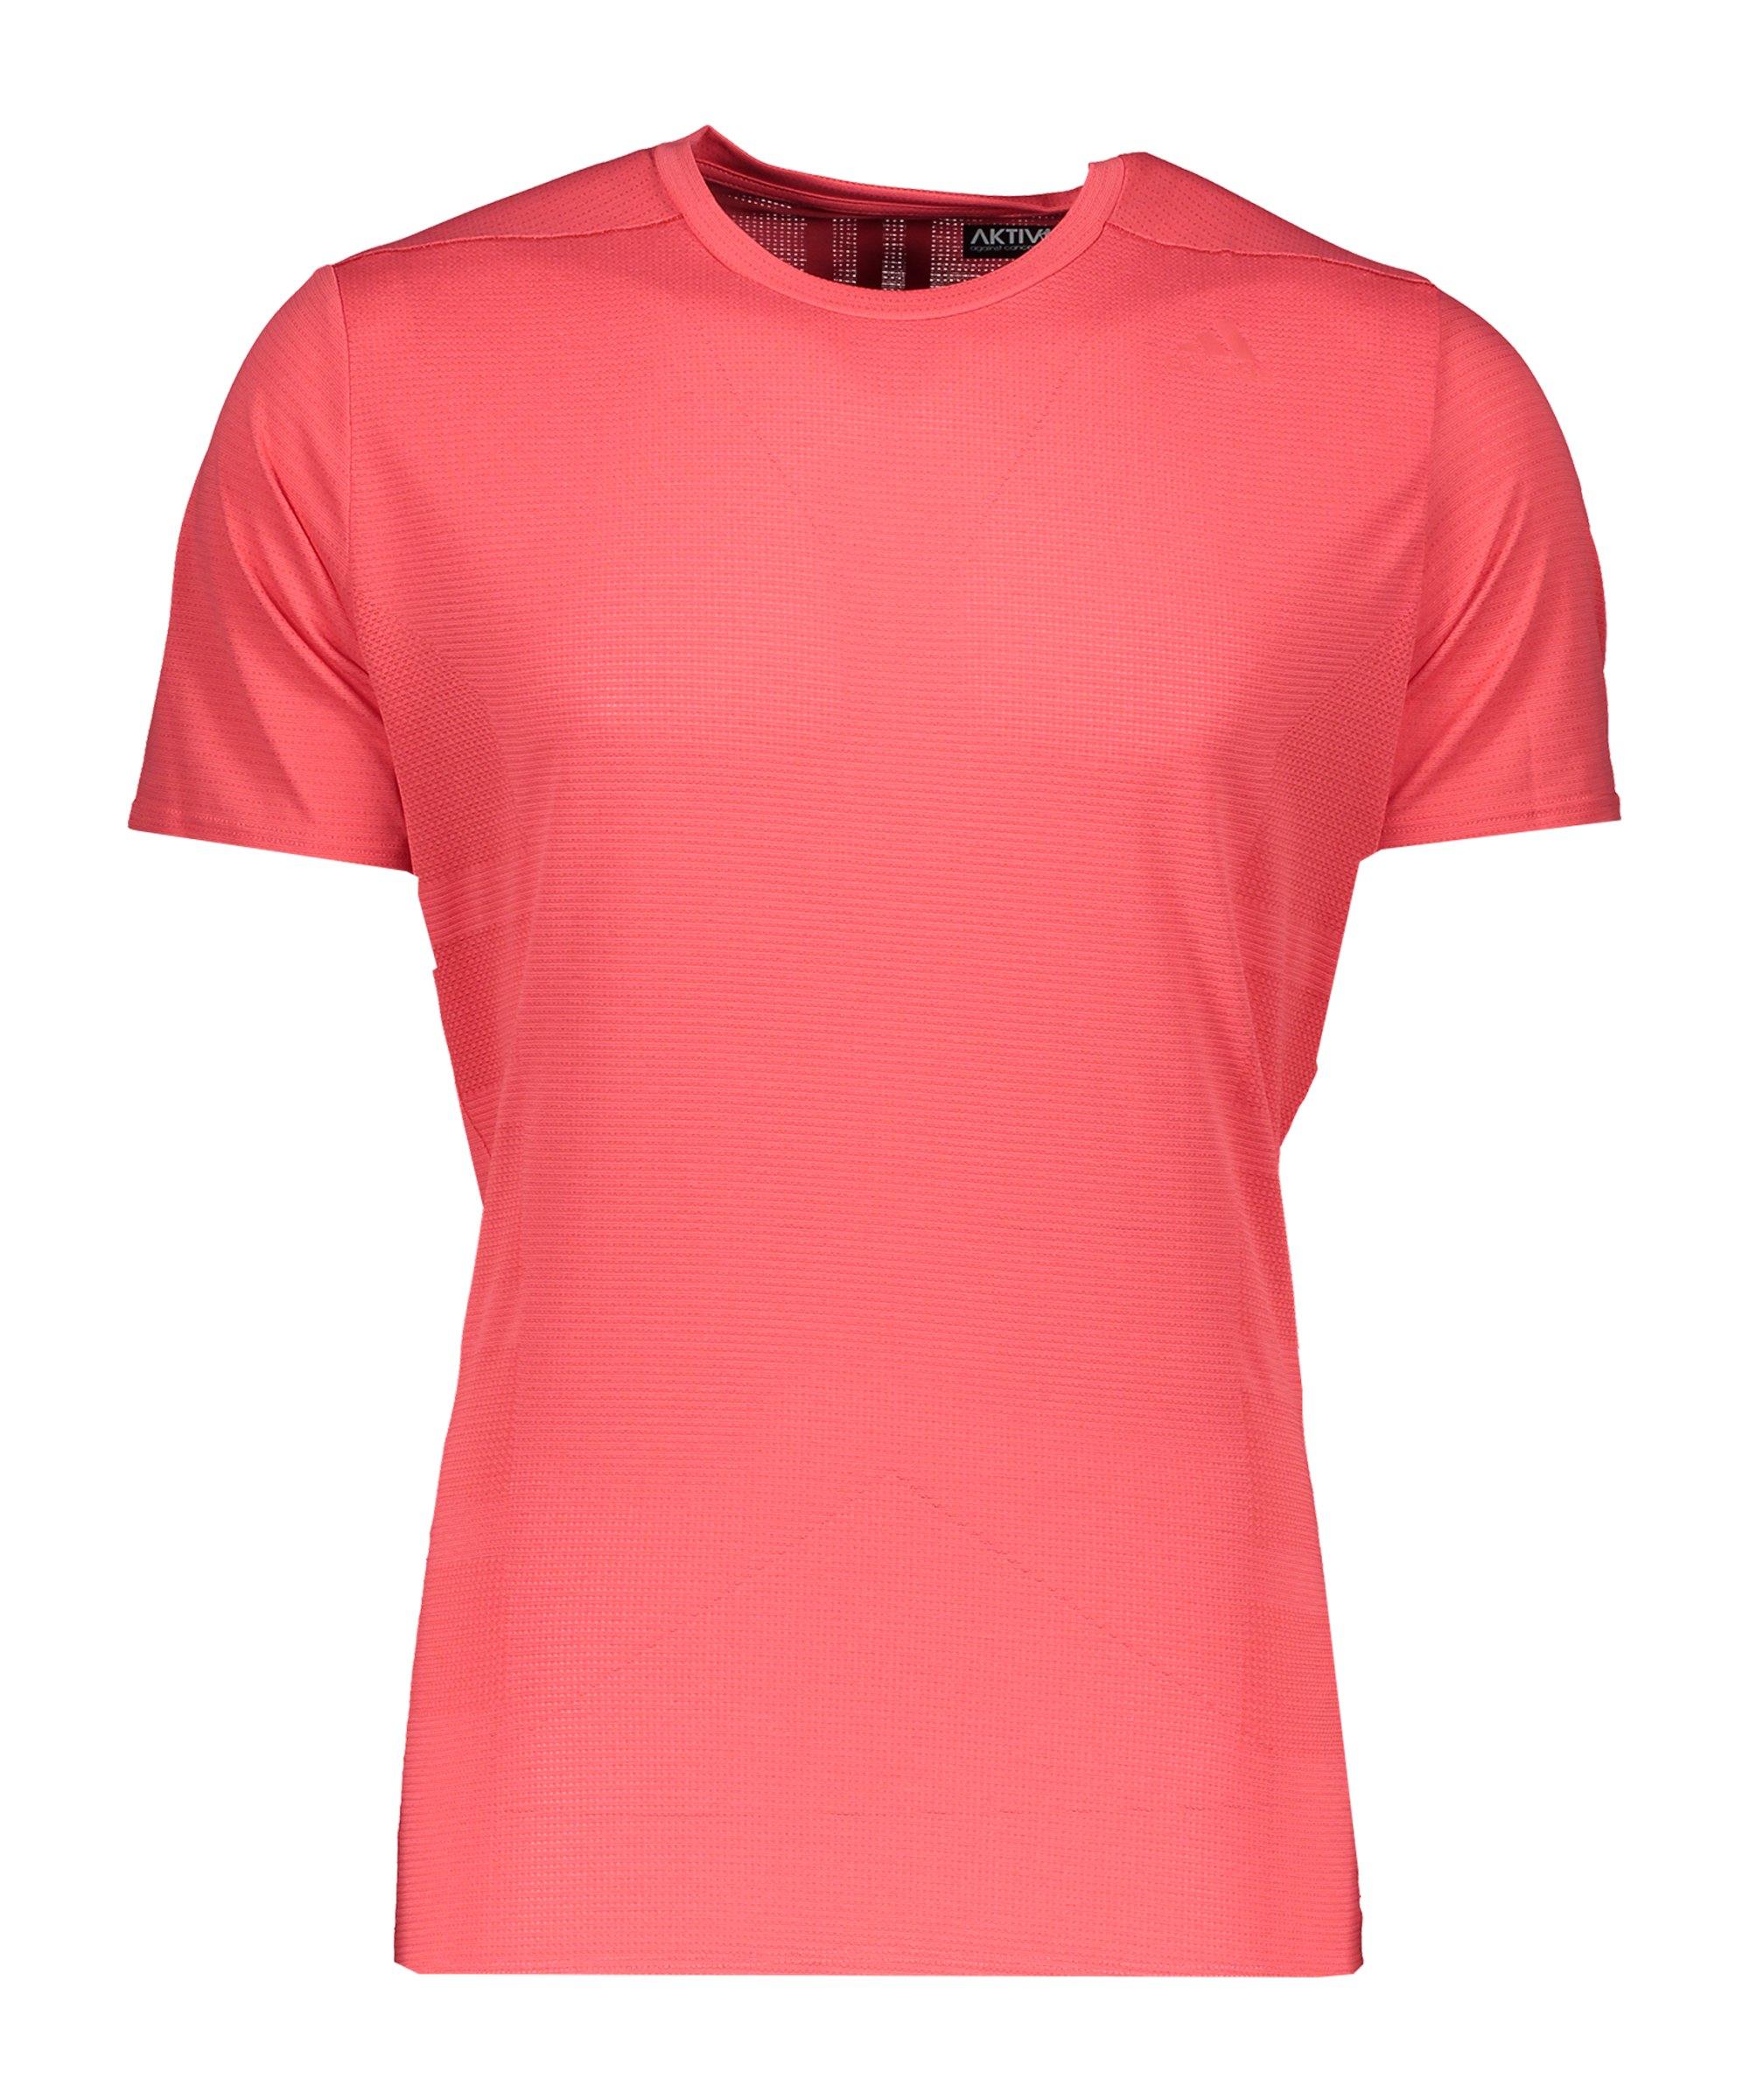 adidas Supernova Tee T-Shirt Pink - pink